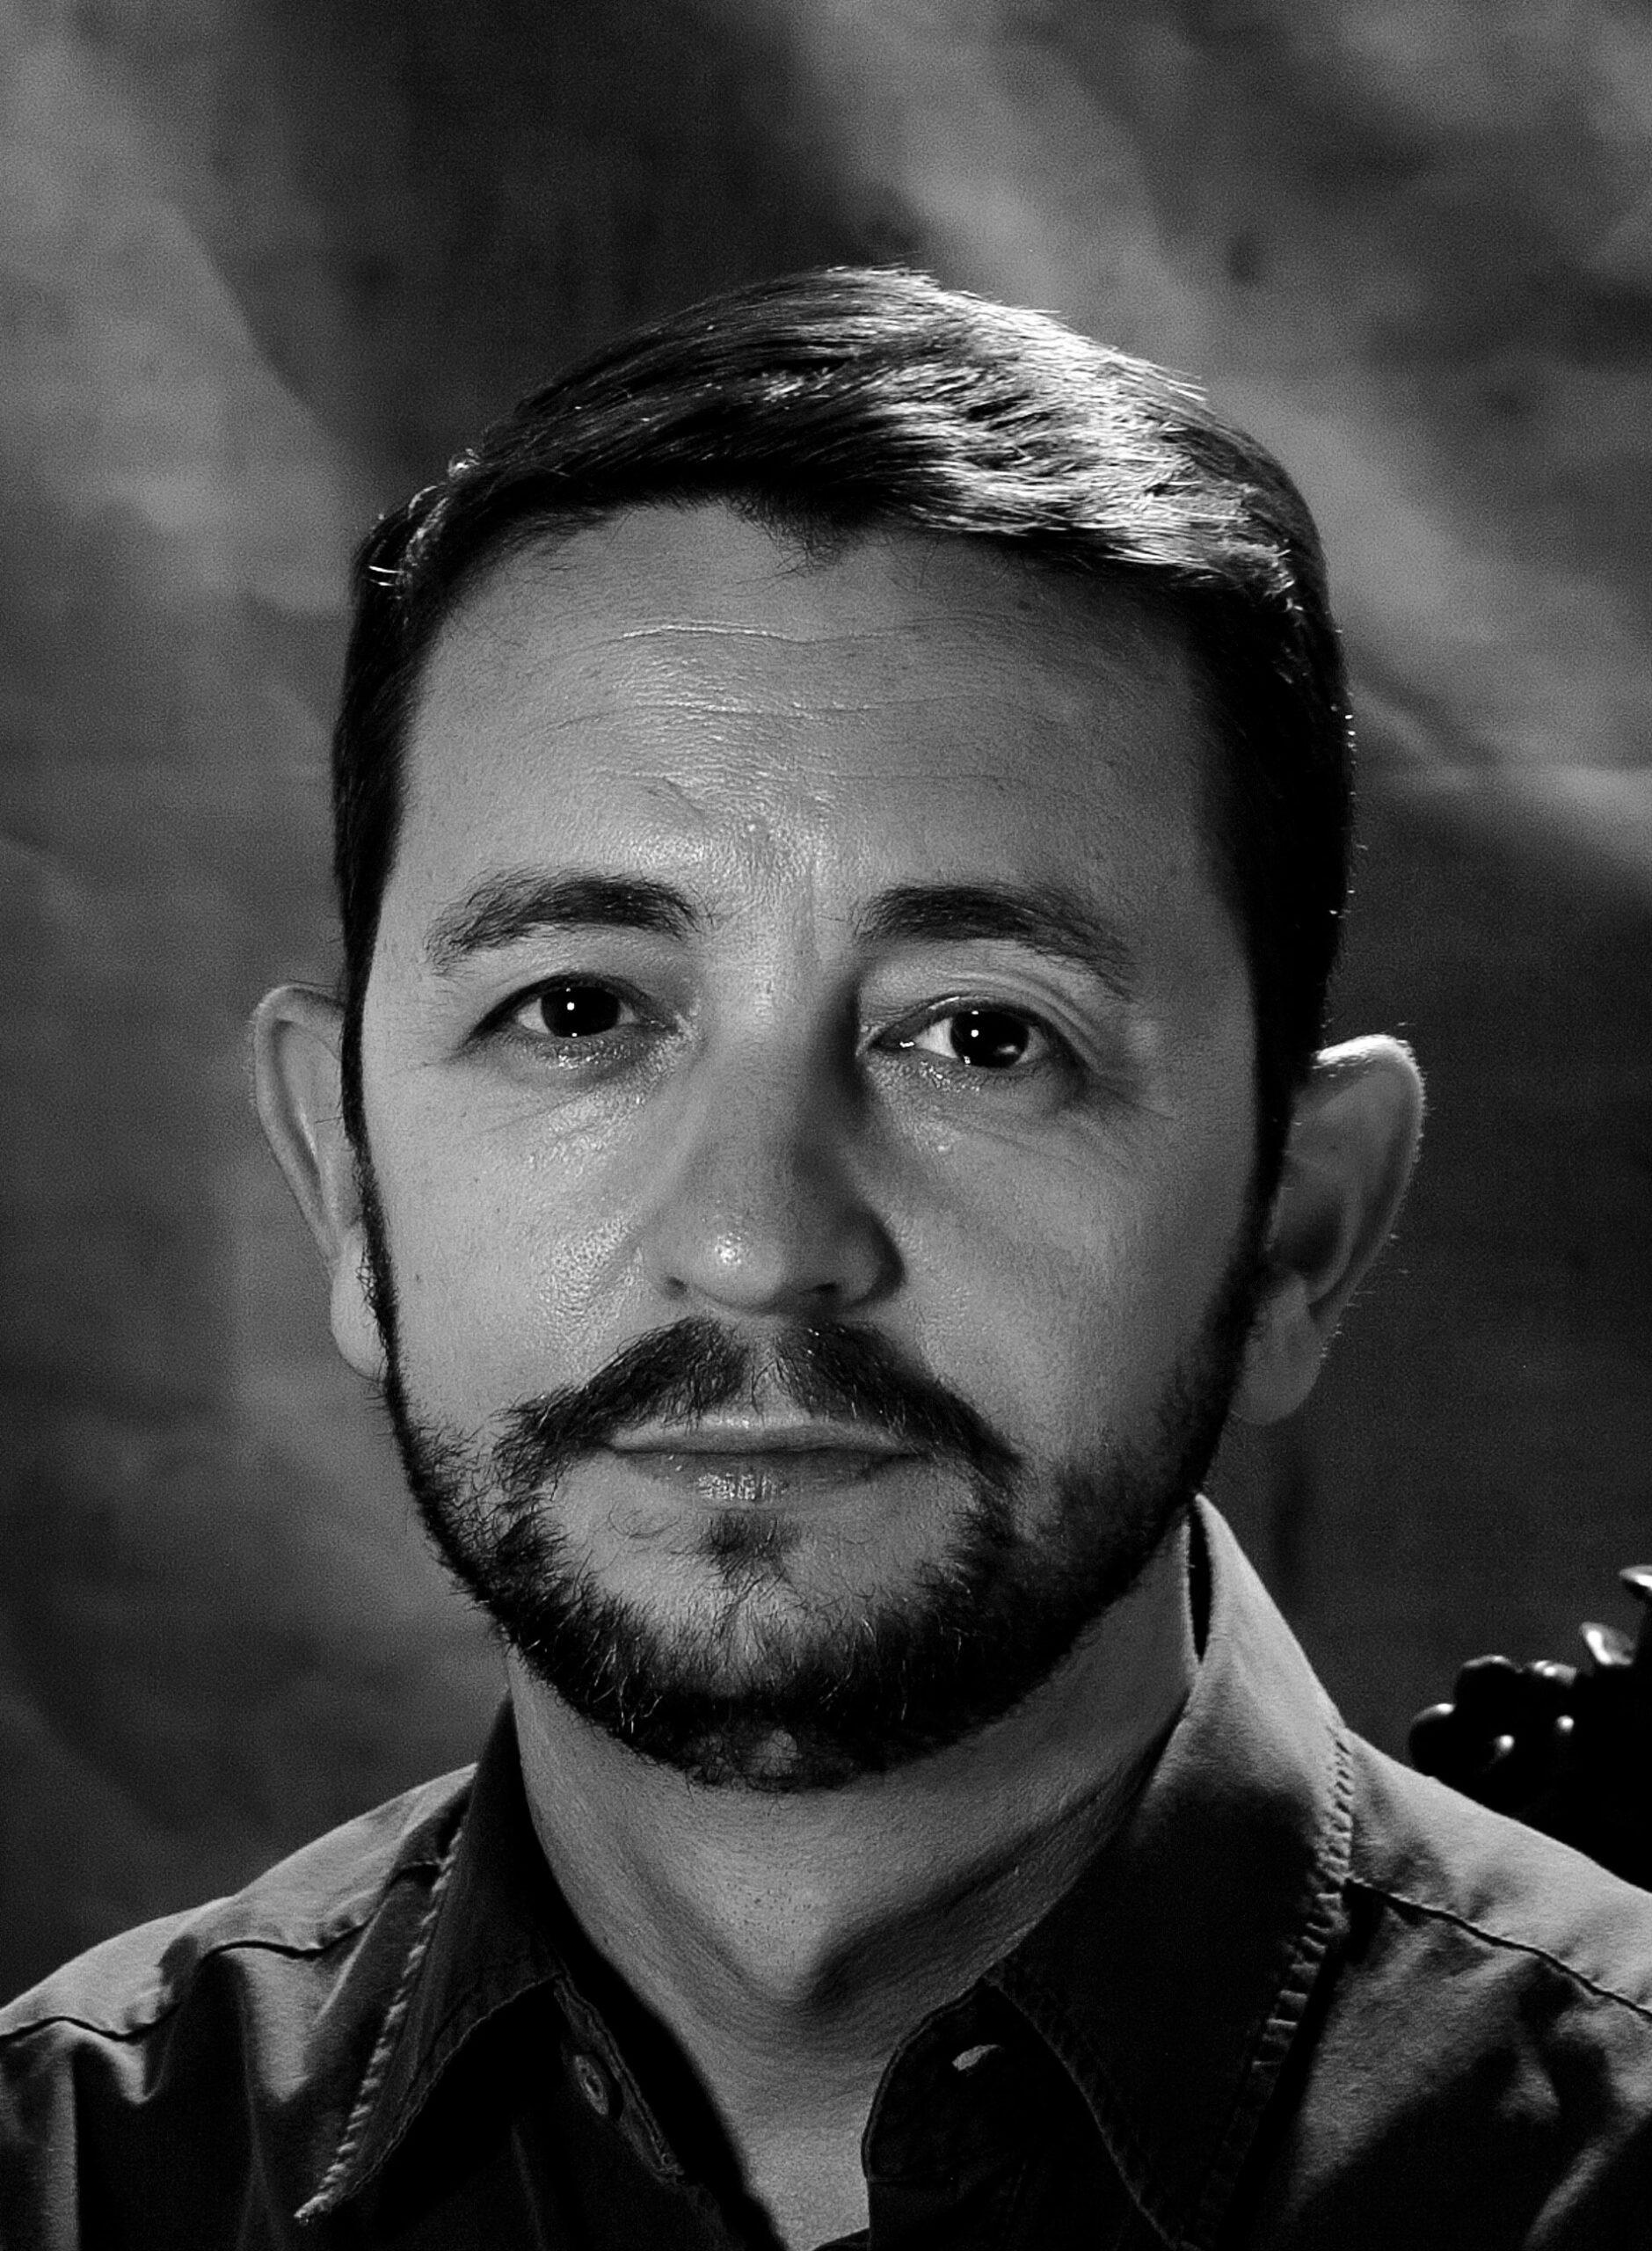 Juan-Ramon_Barbancho-La_muerte_no_enterrada_PORTRAIT